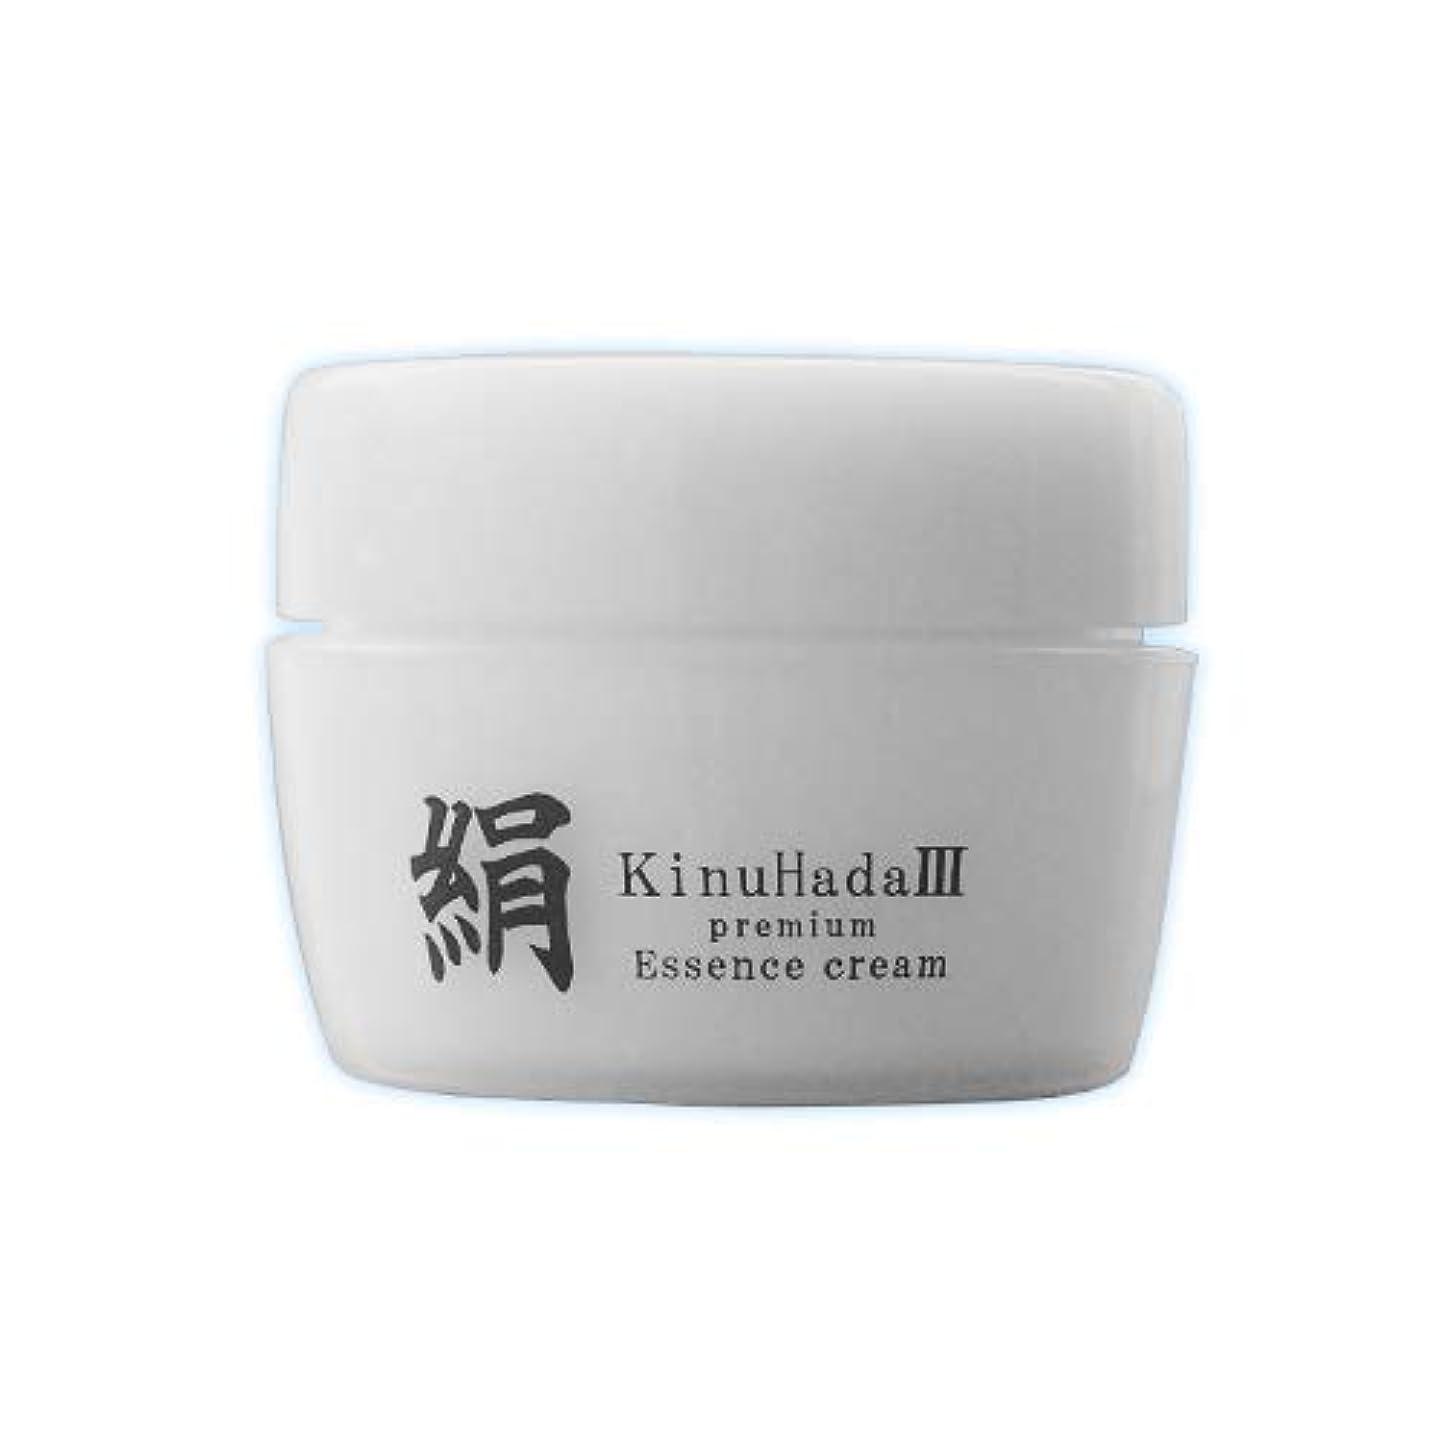 歩き回る適用済みしがみつくKinuHada 3 premium 60g オールインワン 美容液 絹